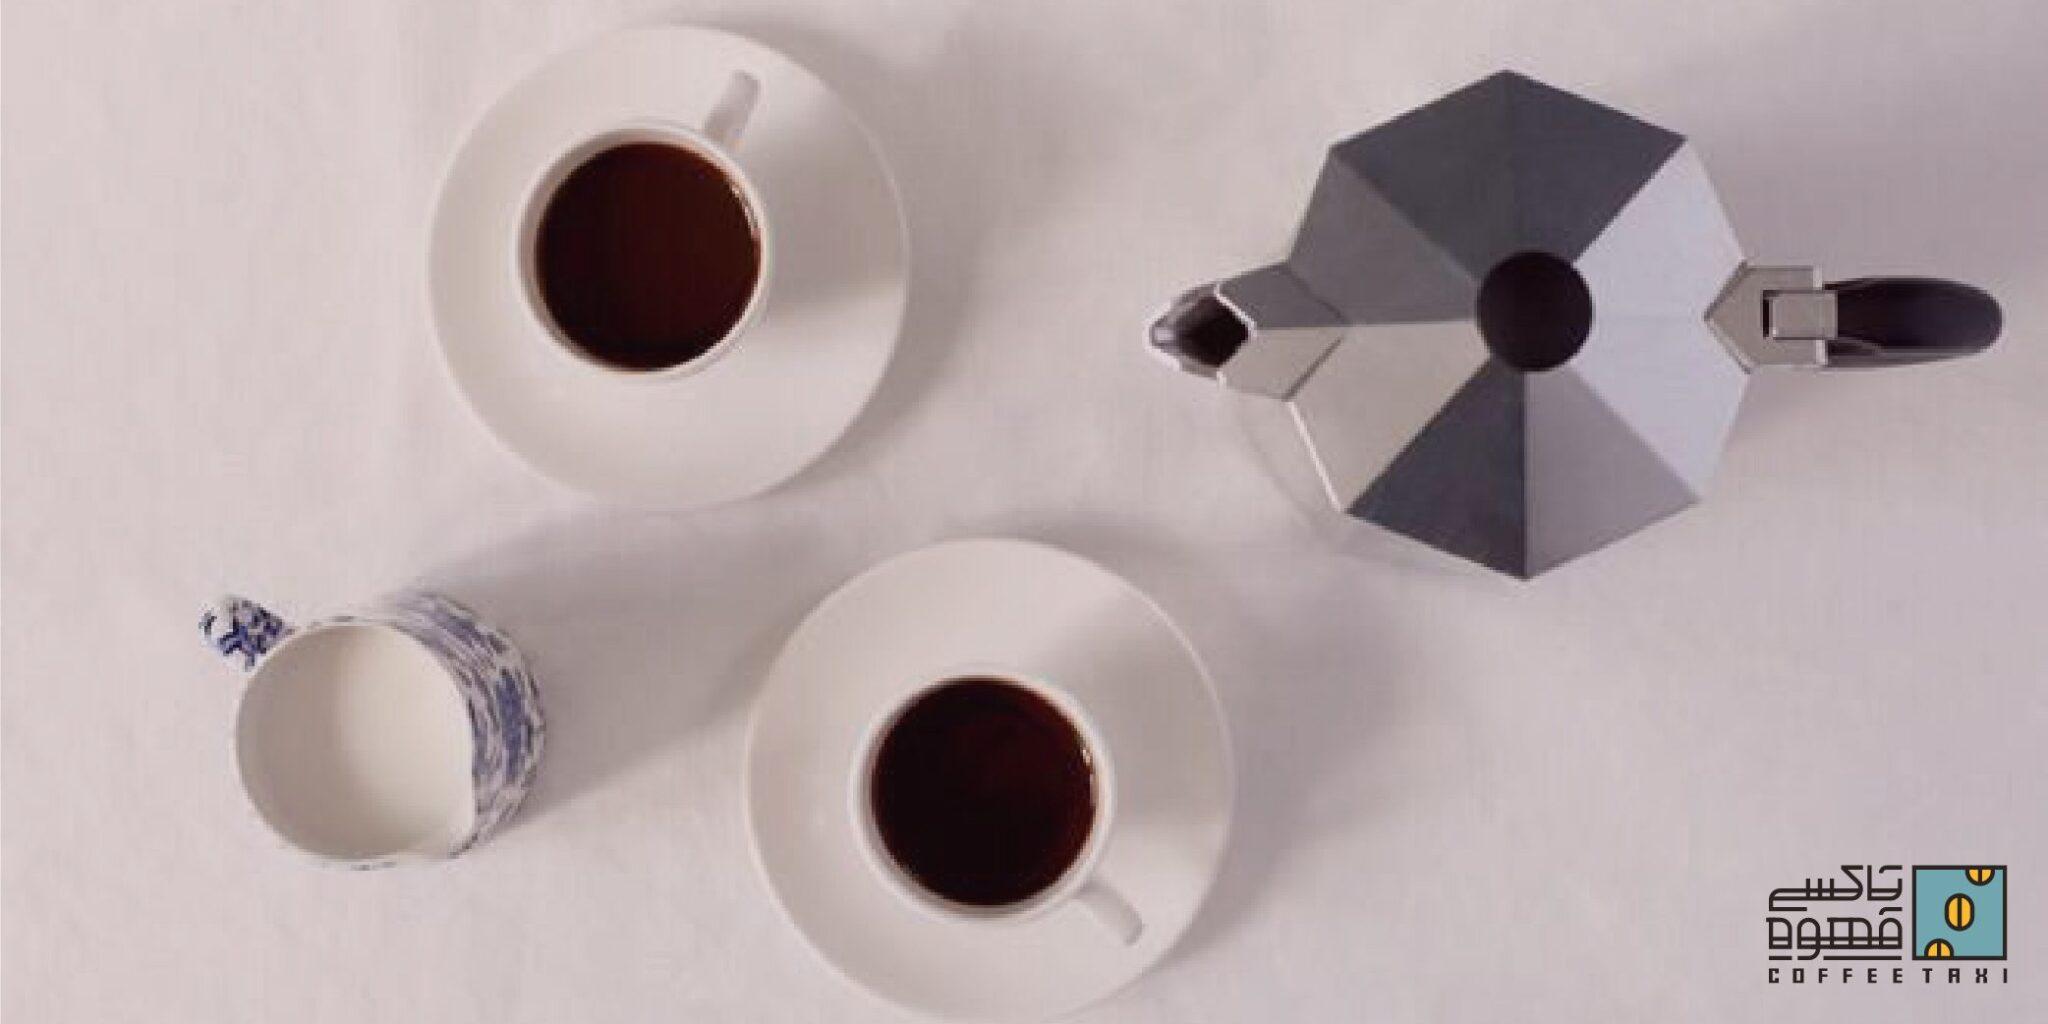 بررسی تفاوت های قهوه اسپرسو موکاپات و دستگاه